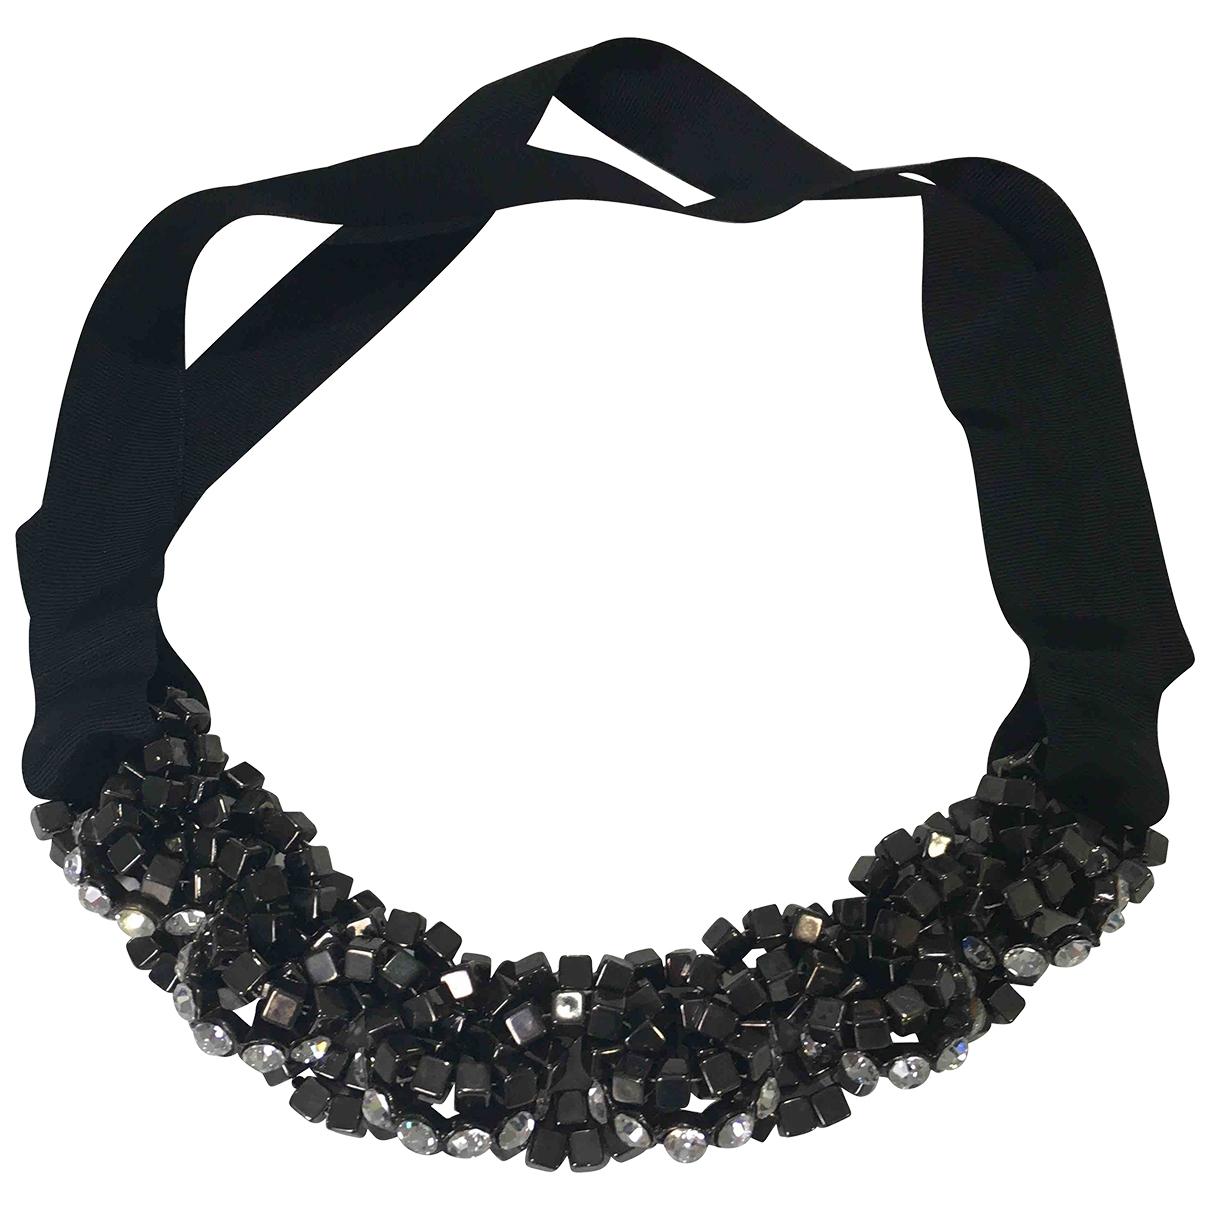 Collar Chaines de Cristal Non Signe / Unsigned